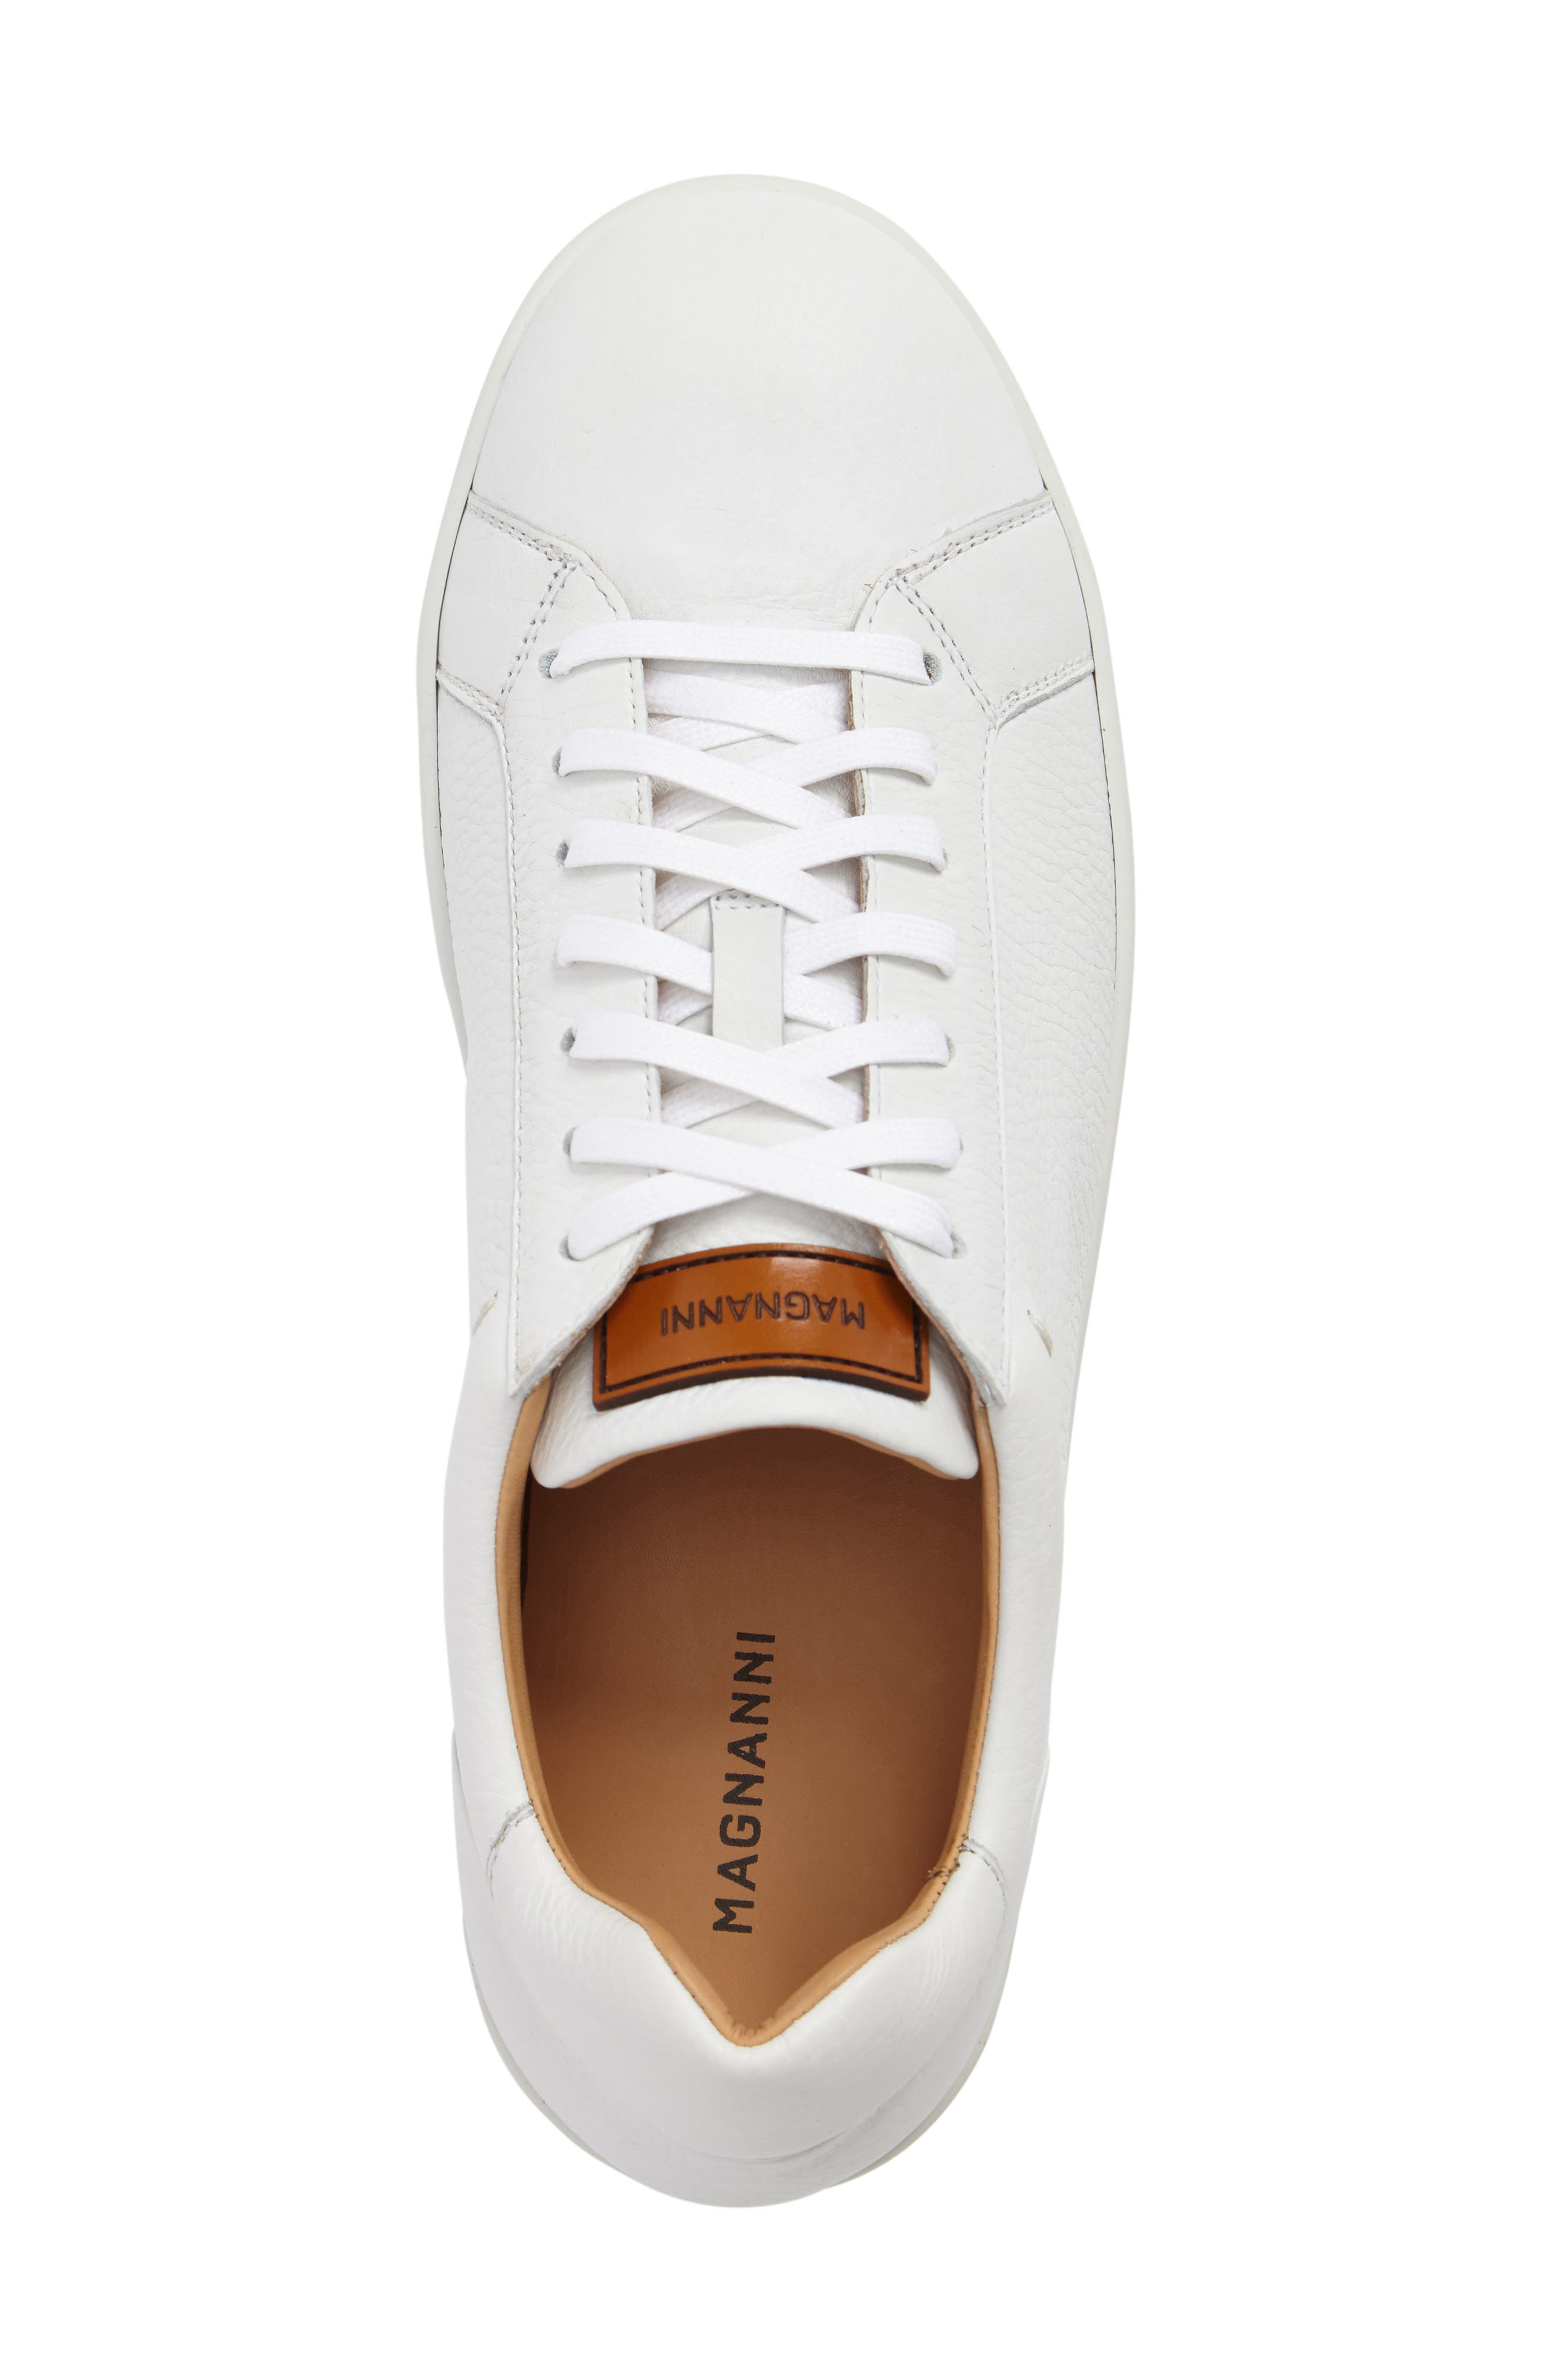 Caballero Sneaker,                             Alternate thumbnail 5, color,                             White Leather